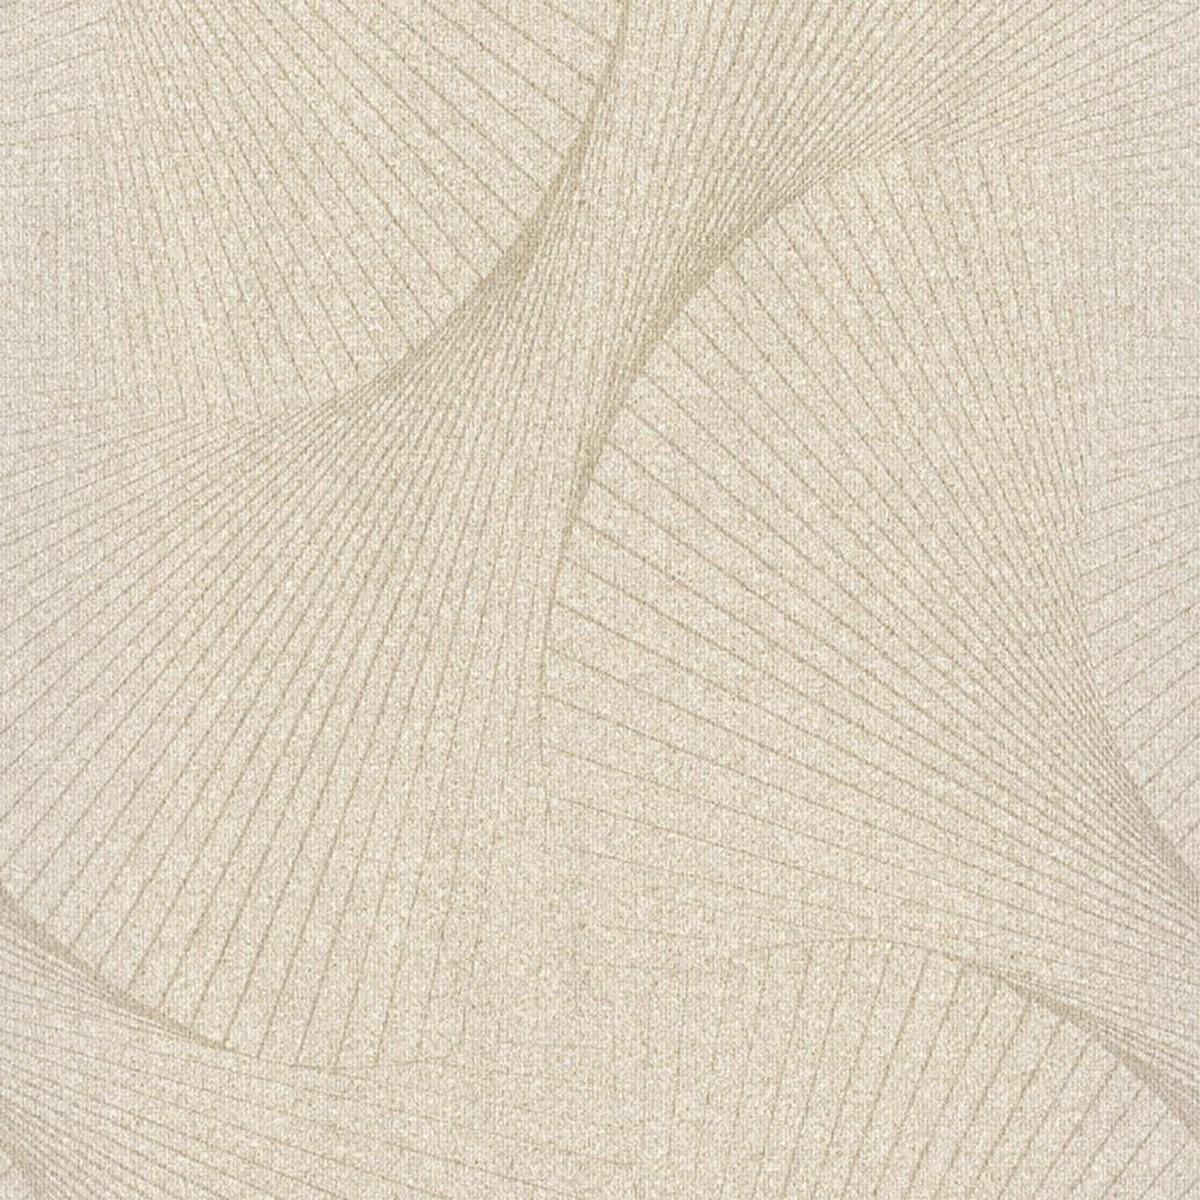 Обои флизелиновые Grandeco Nuances серые 0.53 м NU3202